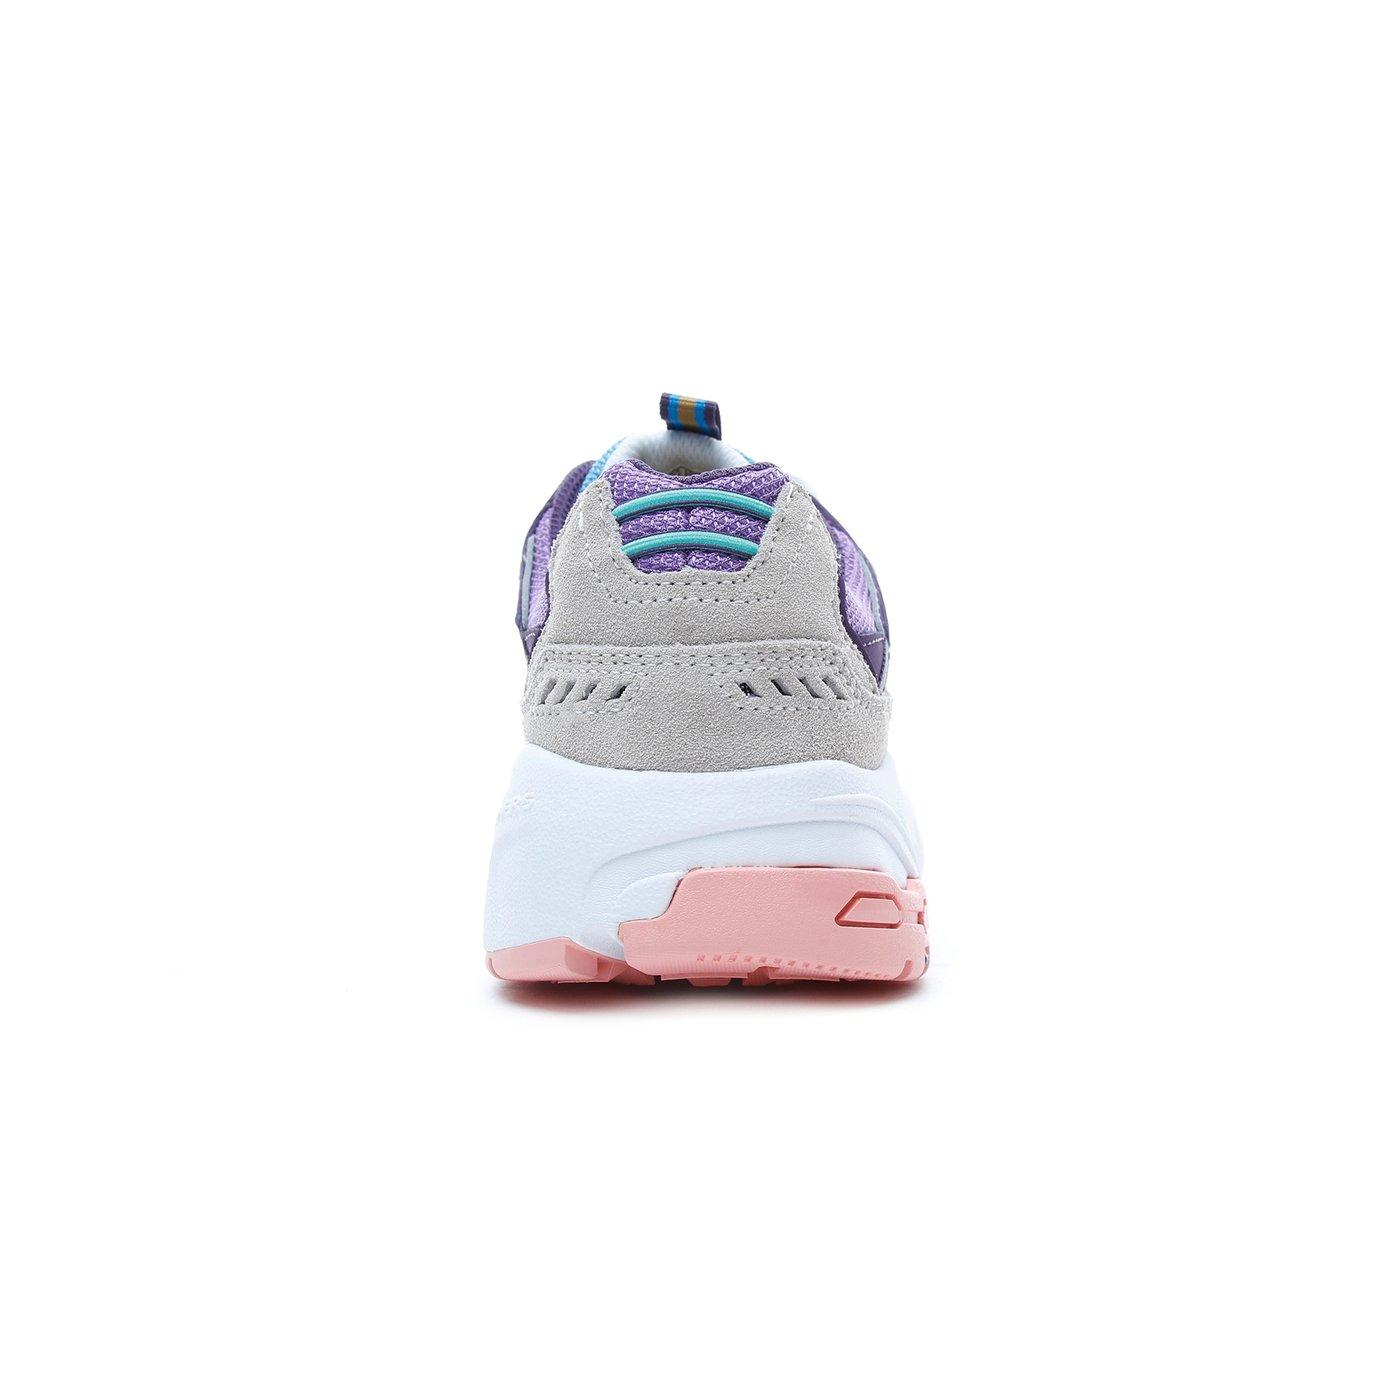 Skechers Stamina Gri-Mor Kadın Spor Ayakkabı